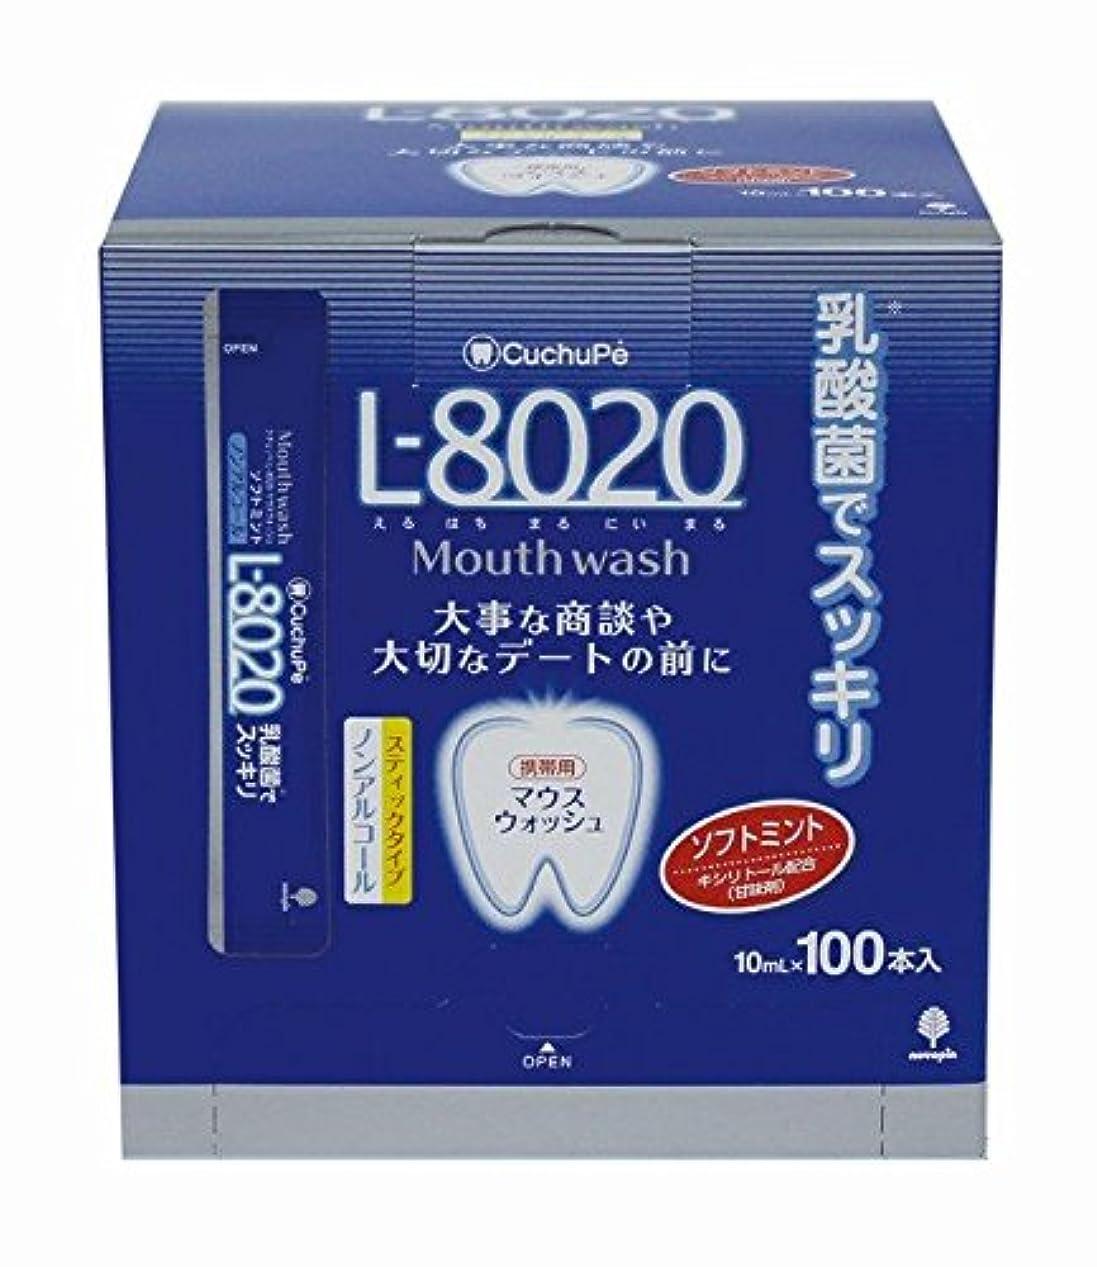 保証する冷蔵する夕暮れ紀陽除虫菊 マウスウォッシュ クチュッペ L-8020 ソフトミント スティックタイプ 100本入